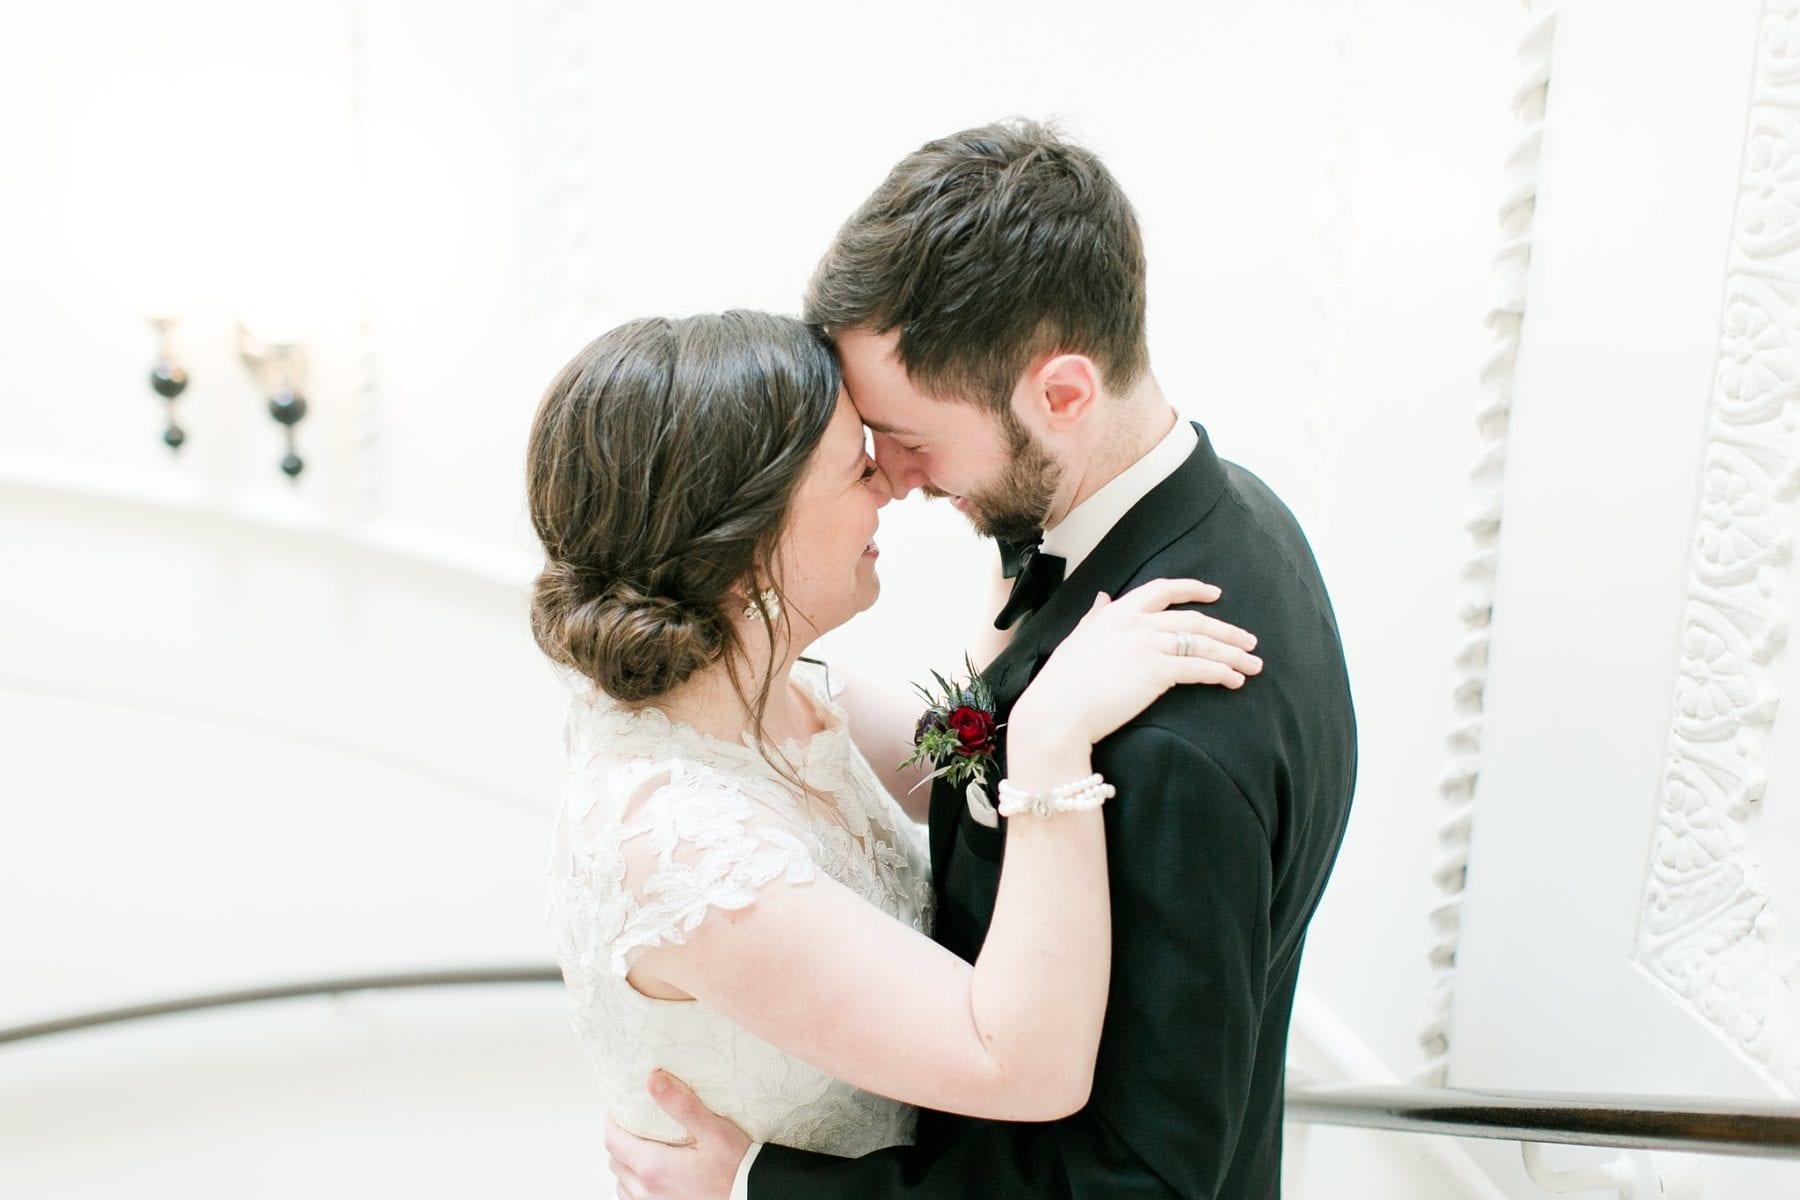 Hotel Monaco Washington DC Wedding Photos Megan Kelsey Photography Erin & Mike -60